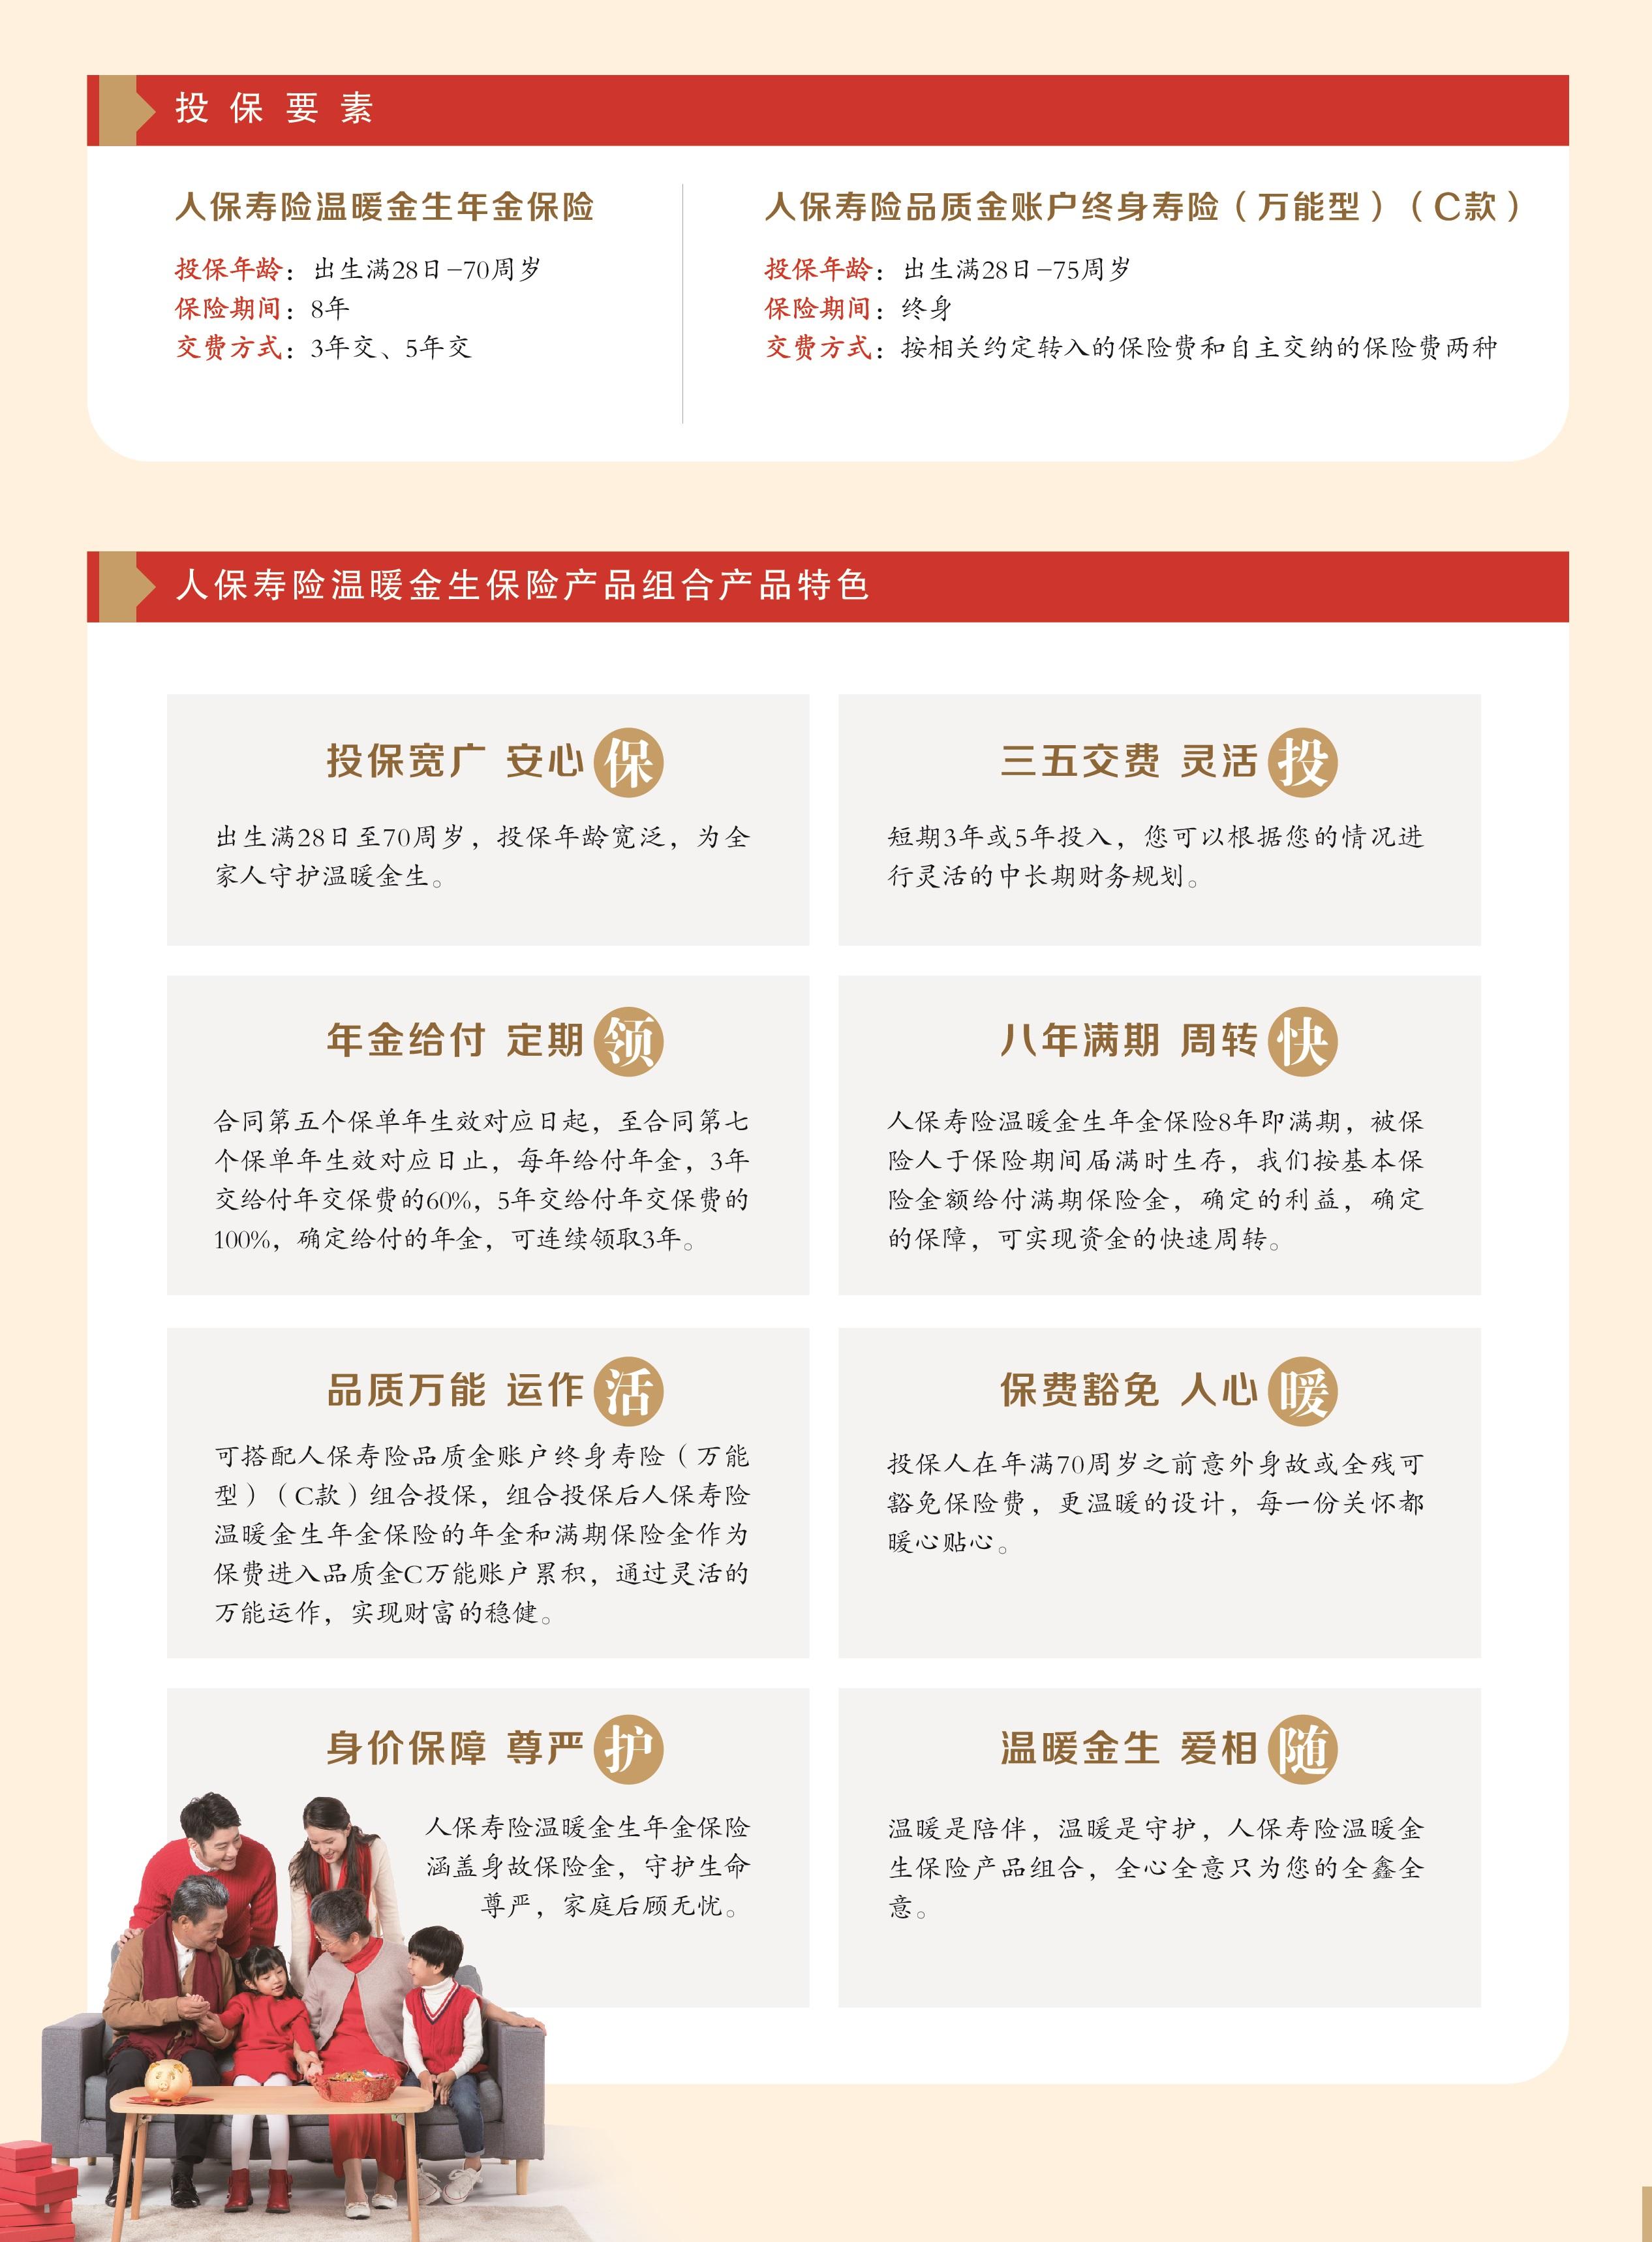 温暖相伴金生守护折页-02 - 副本.jpg